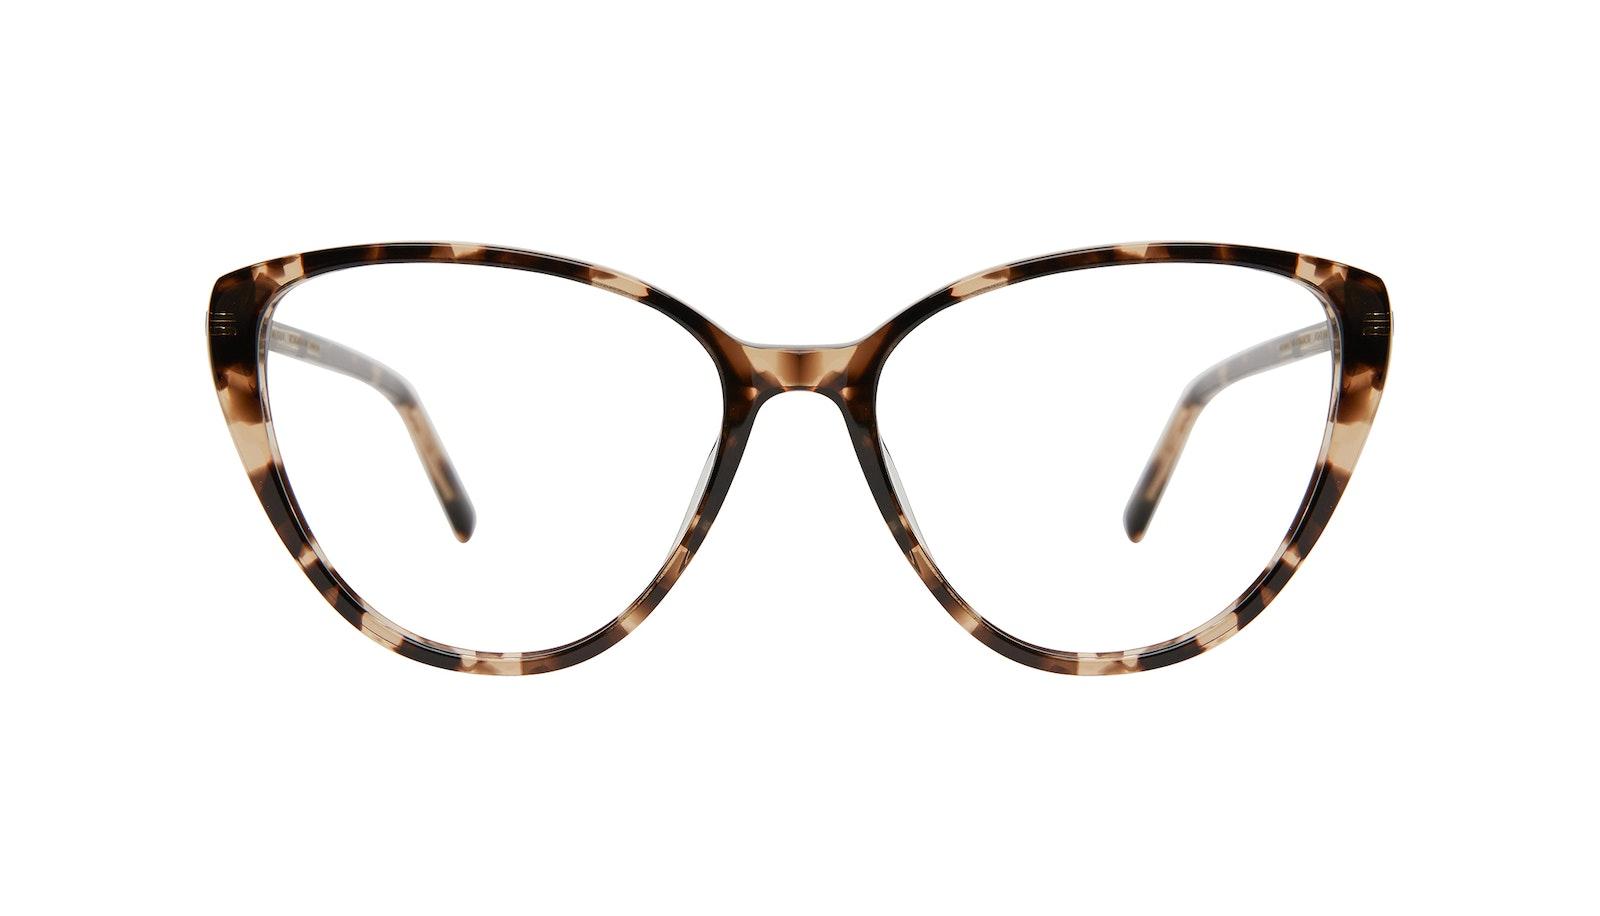 Lunettes tendance Oeil de chat Lunettes de vue Femmes Poise Leopard